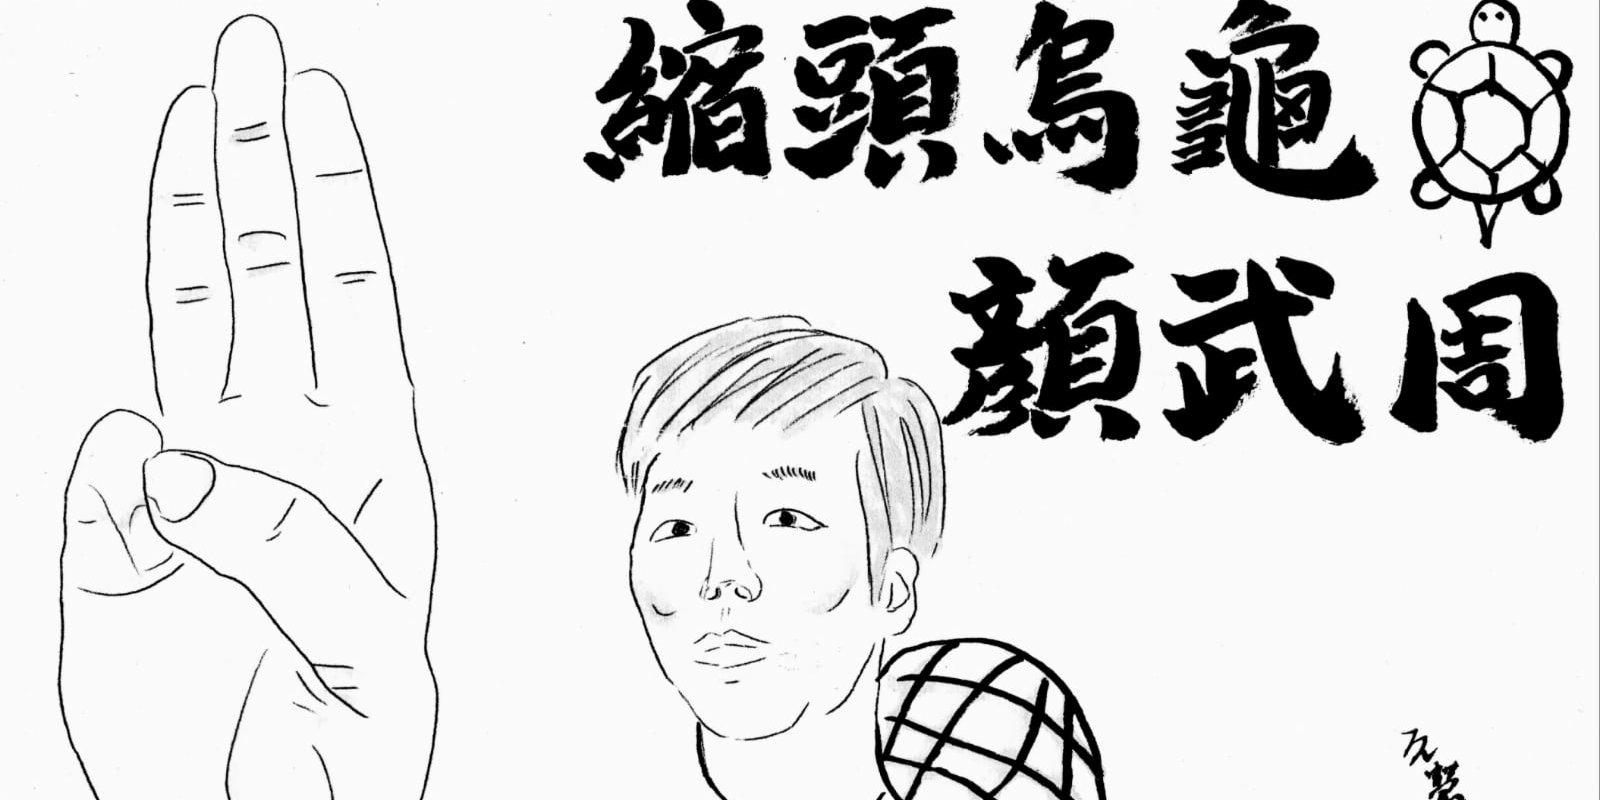 解散「黃工會」 顏武周變「縮頭烏龜」